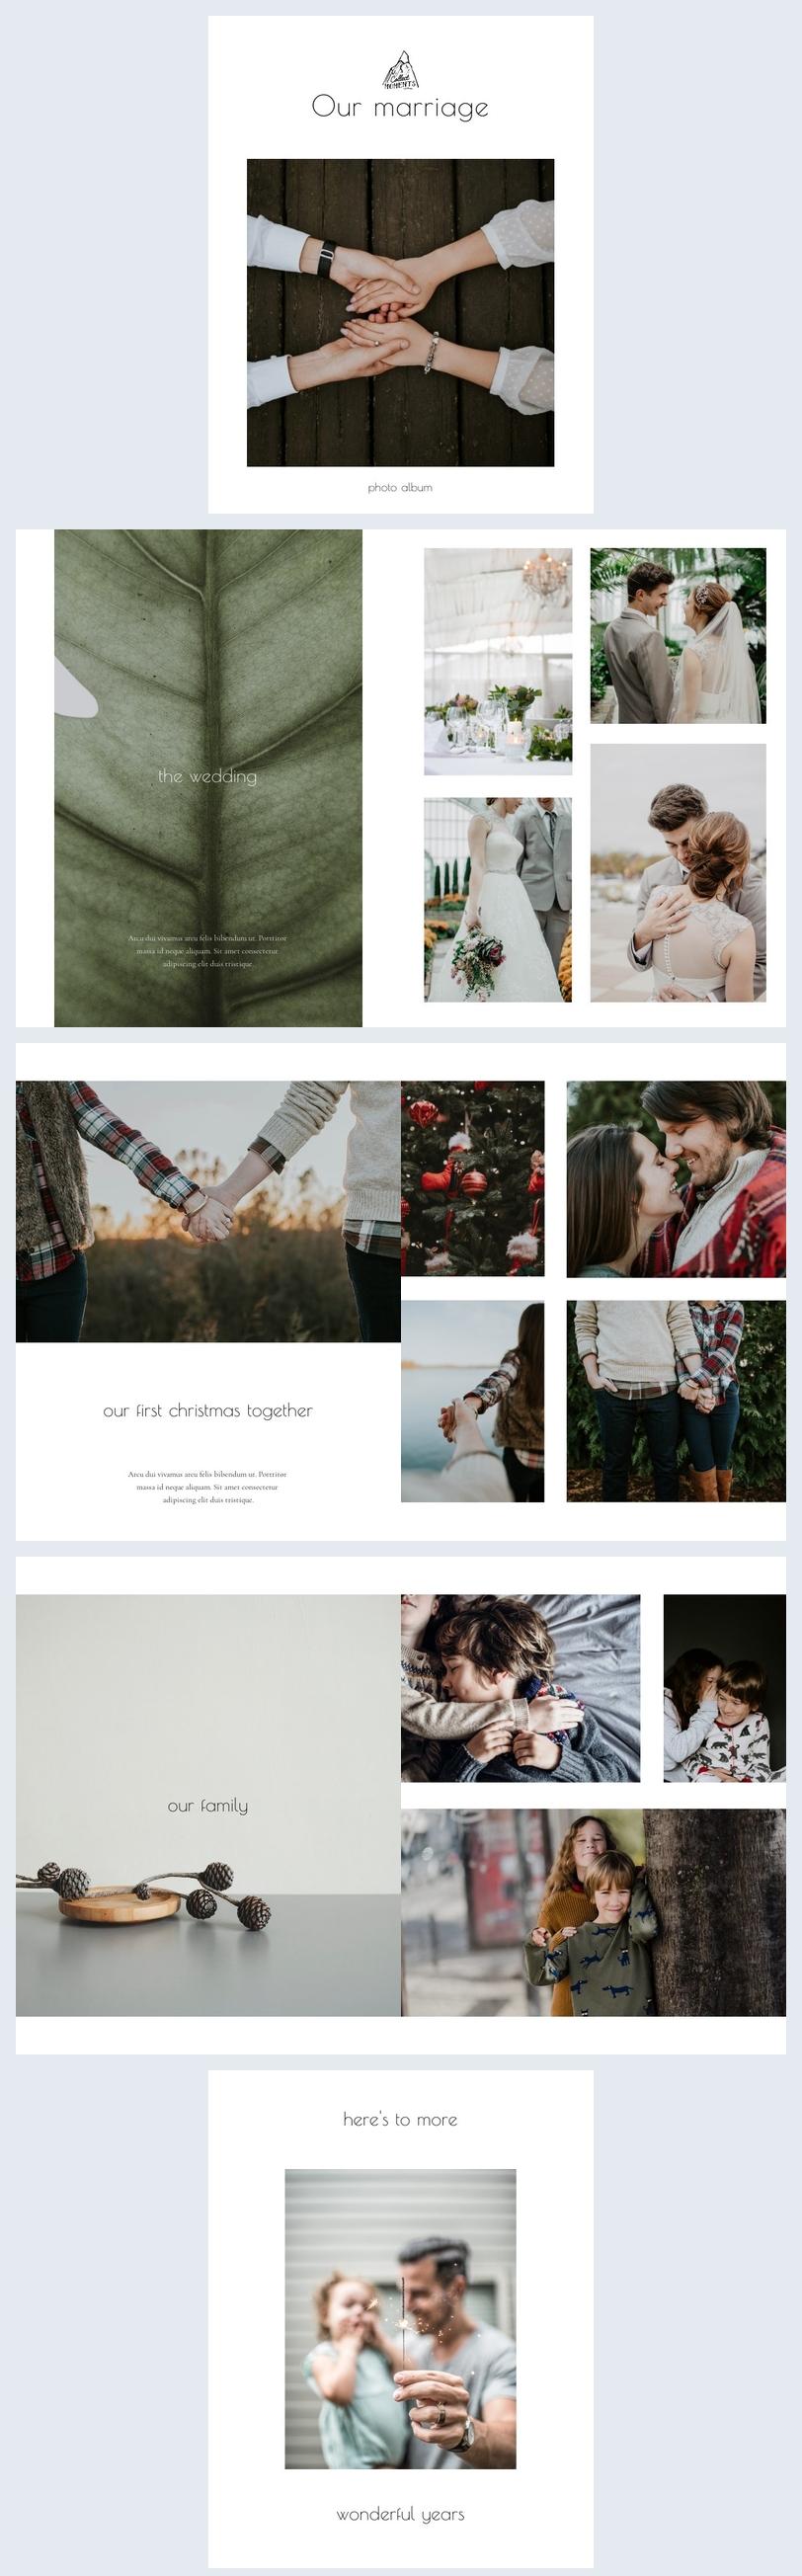 Modelo de Design de Álbum de Fotos de Casamento